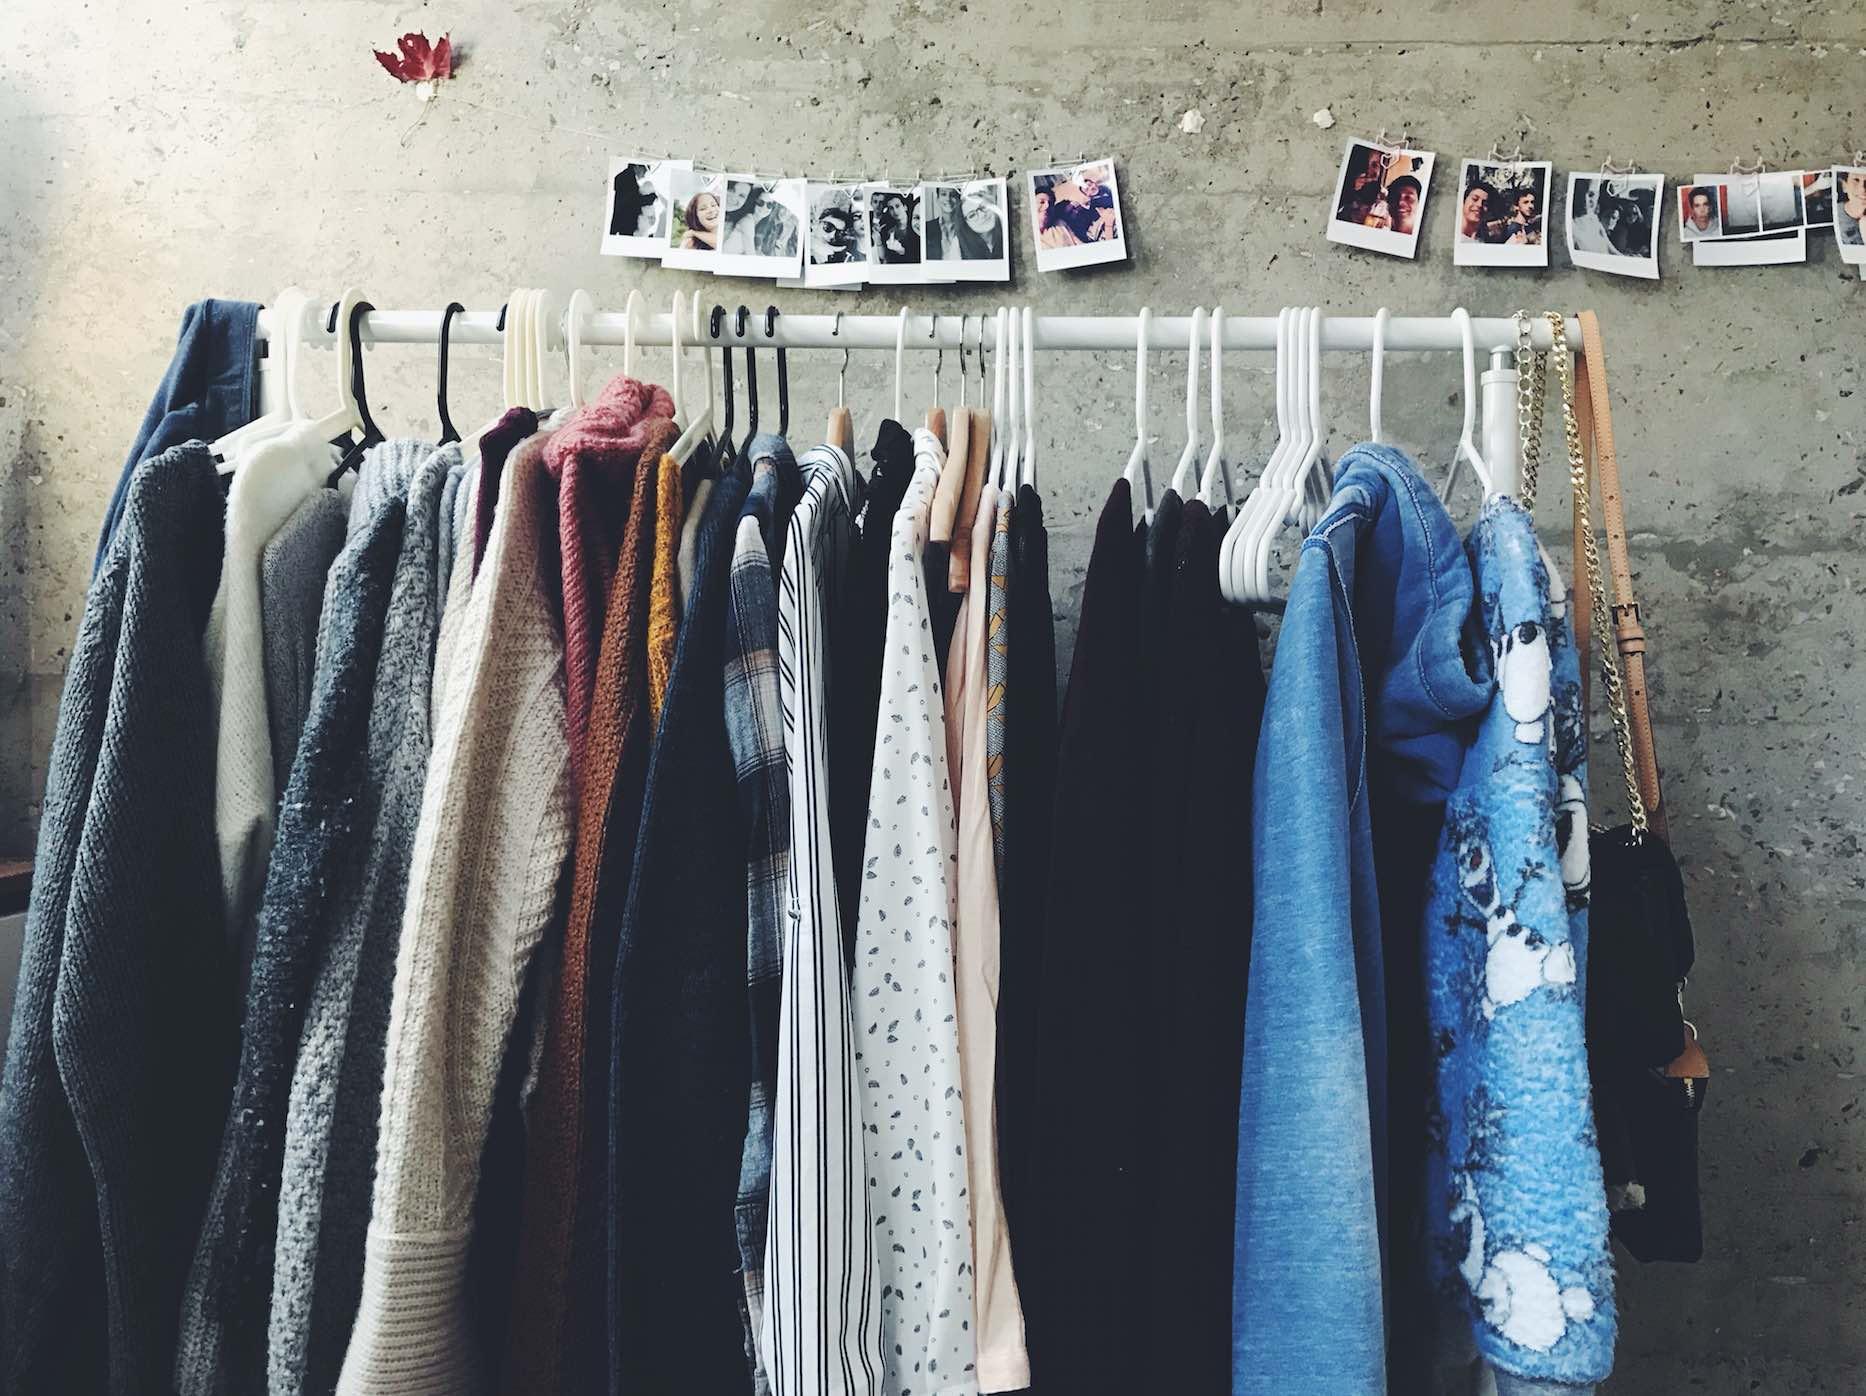 ¿Tus amigas y tú ya intercambian ropa?